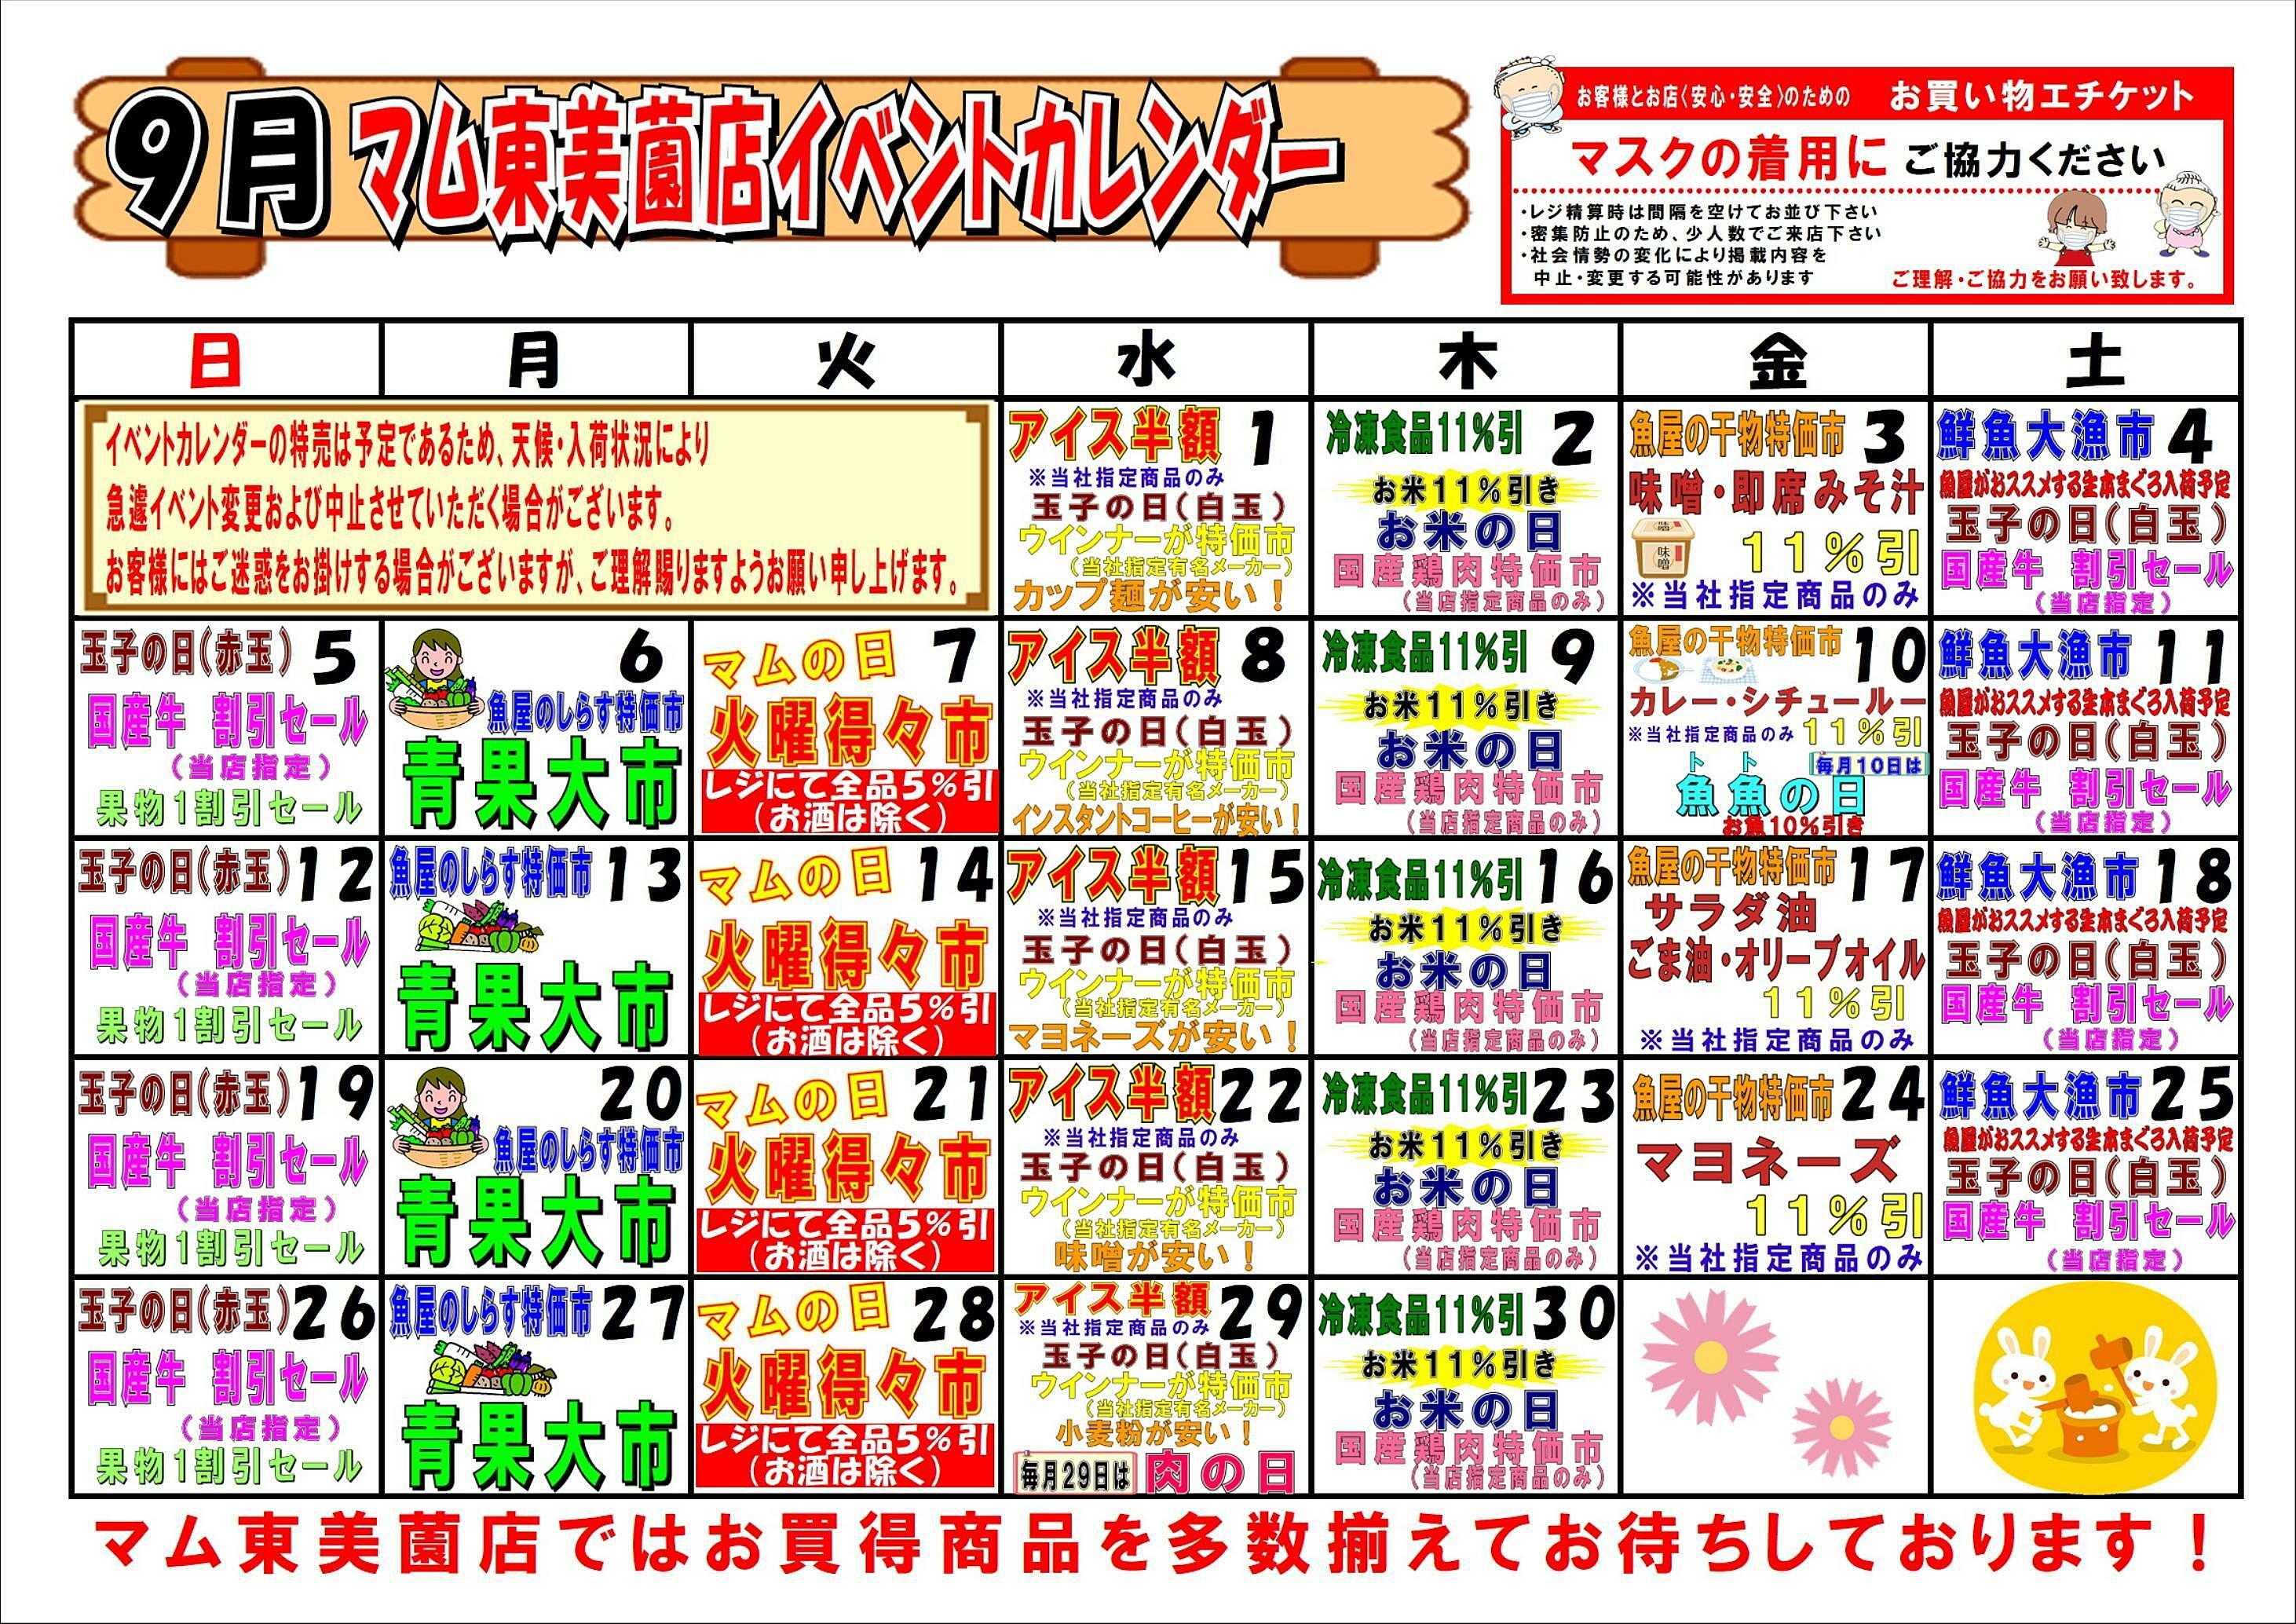 フードマーケット マム マム東美園店イベントカレンダー